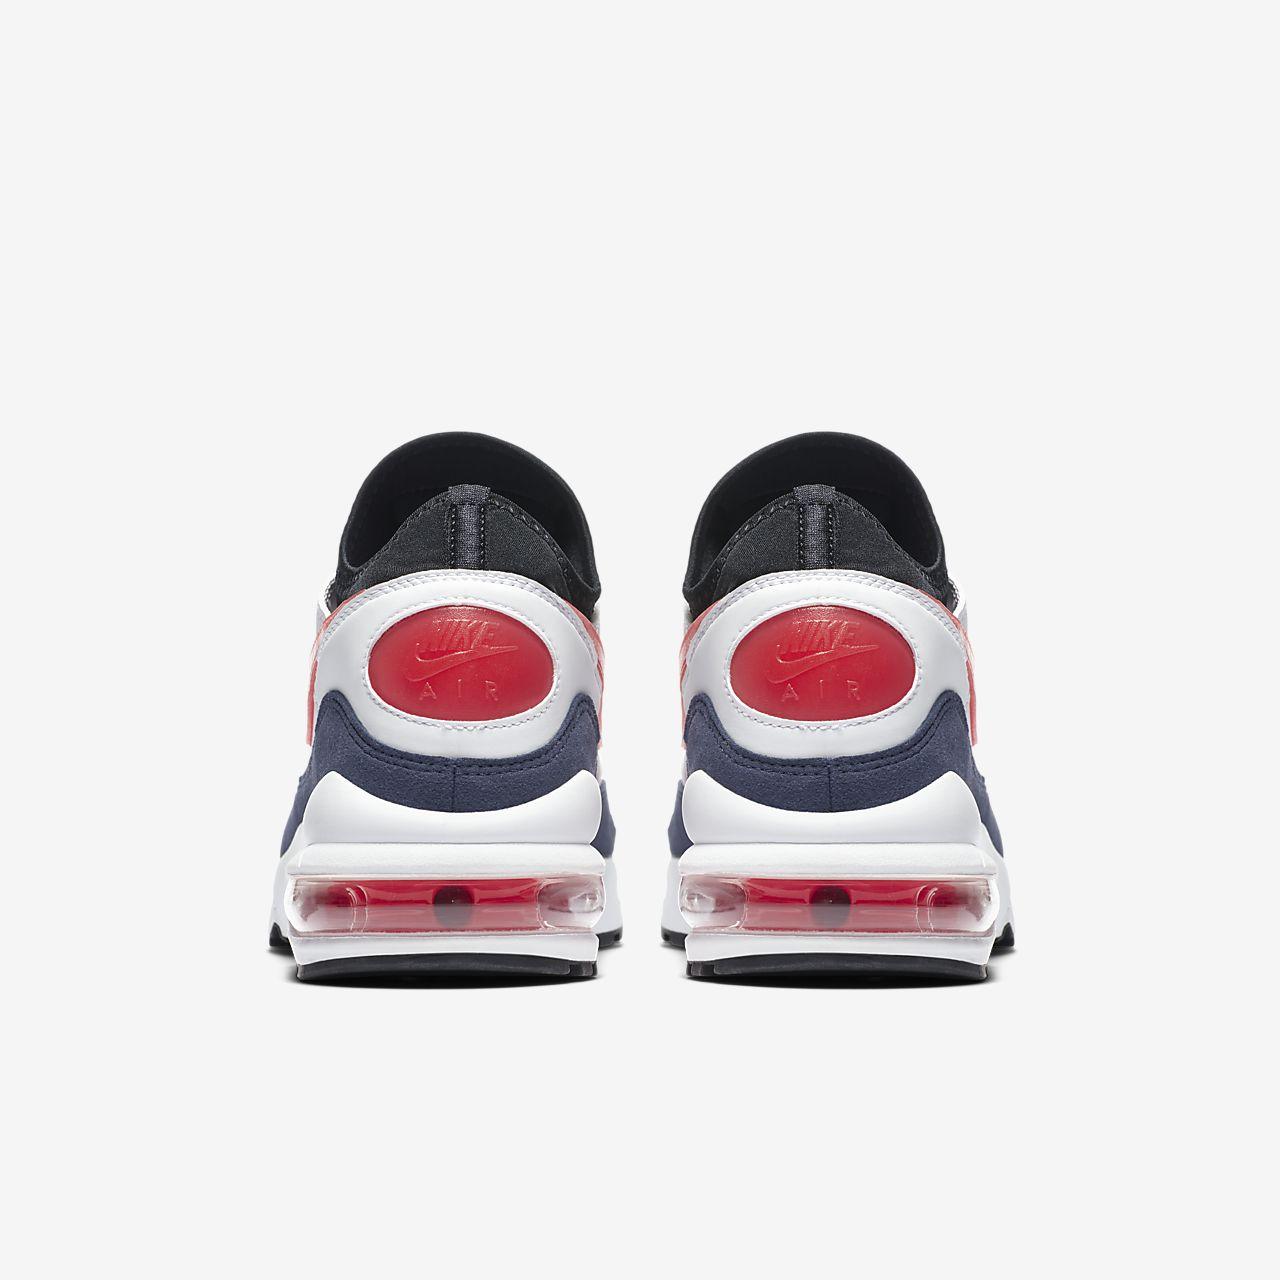 huge discount 56744 ec860 ... Nike Air Max 93 Men s Shoe